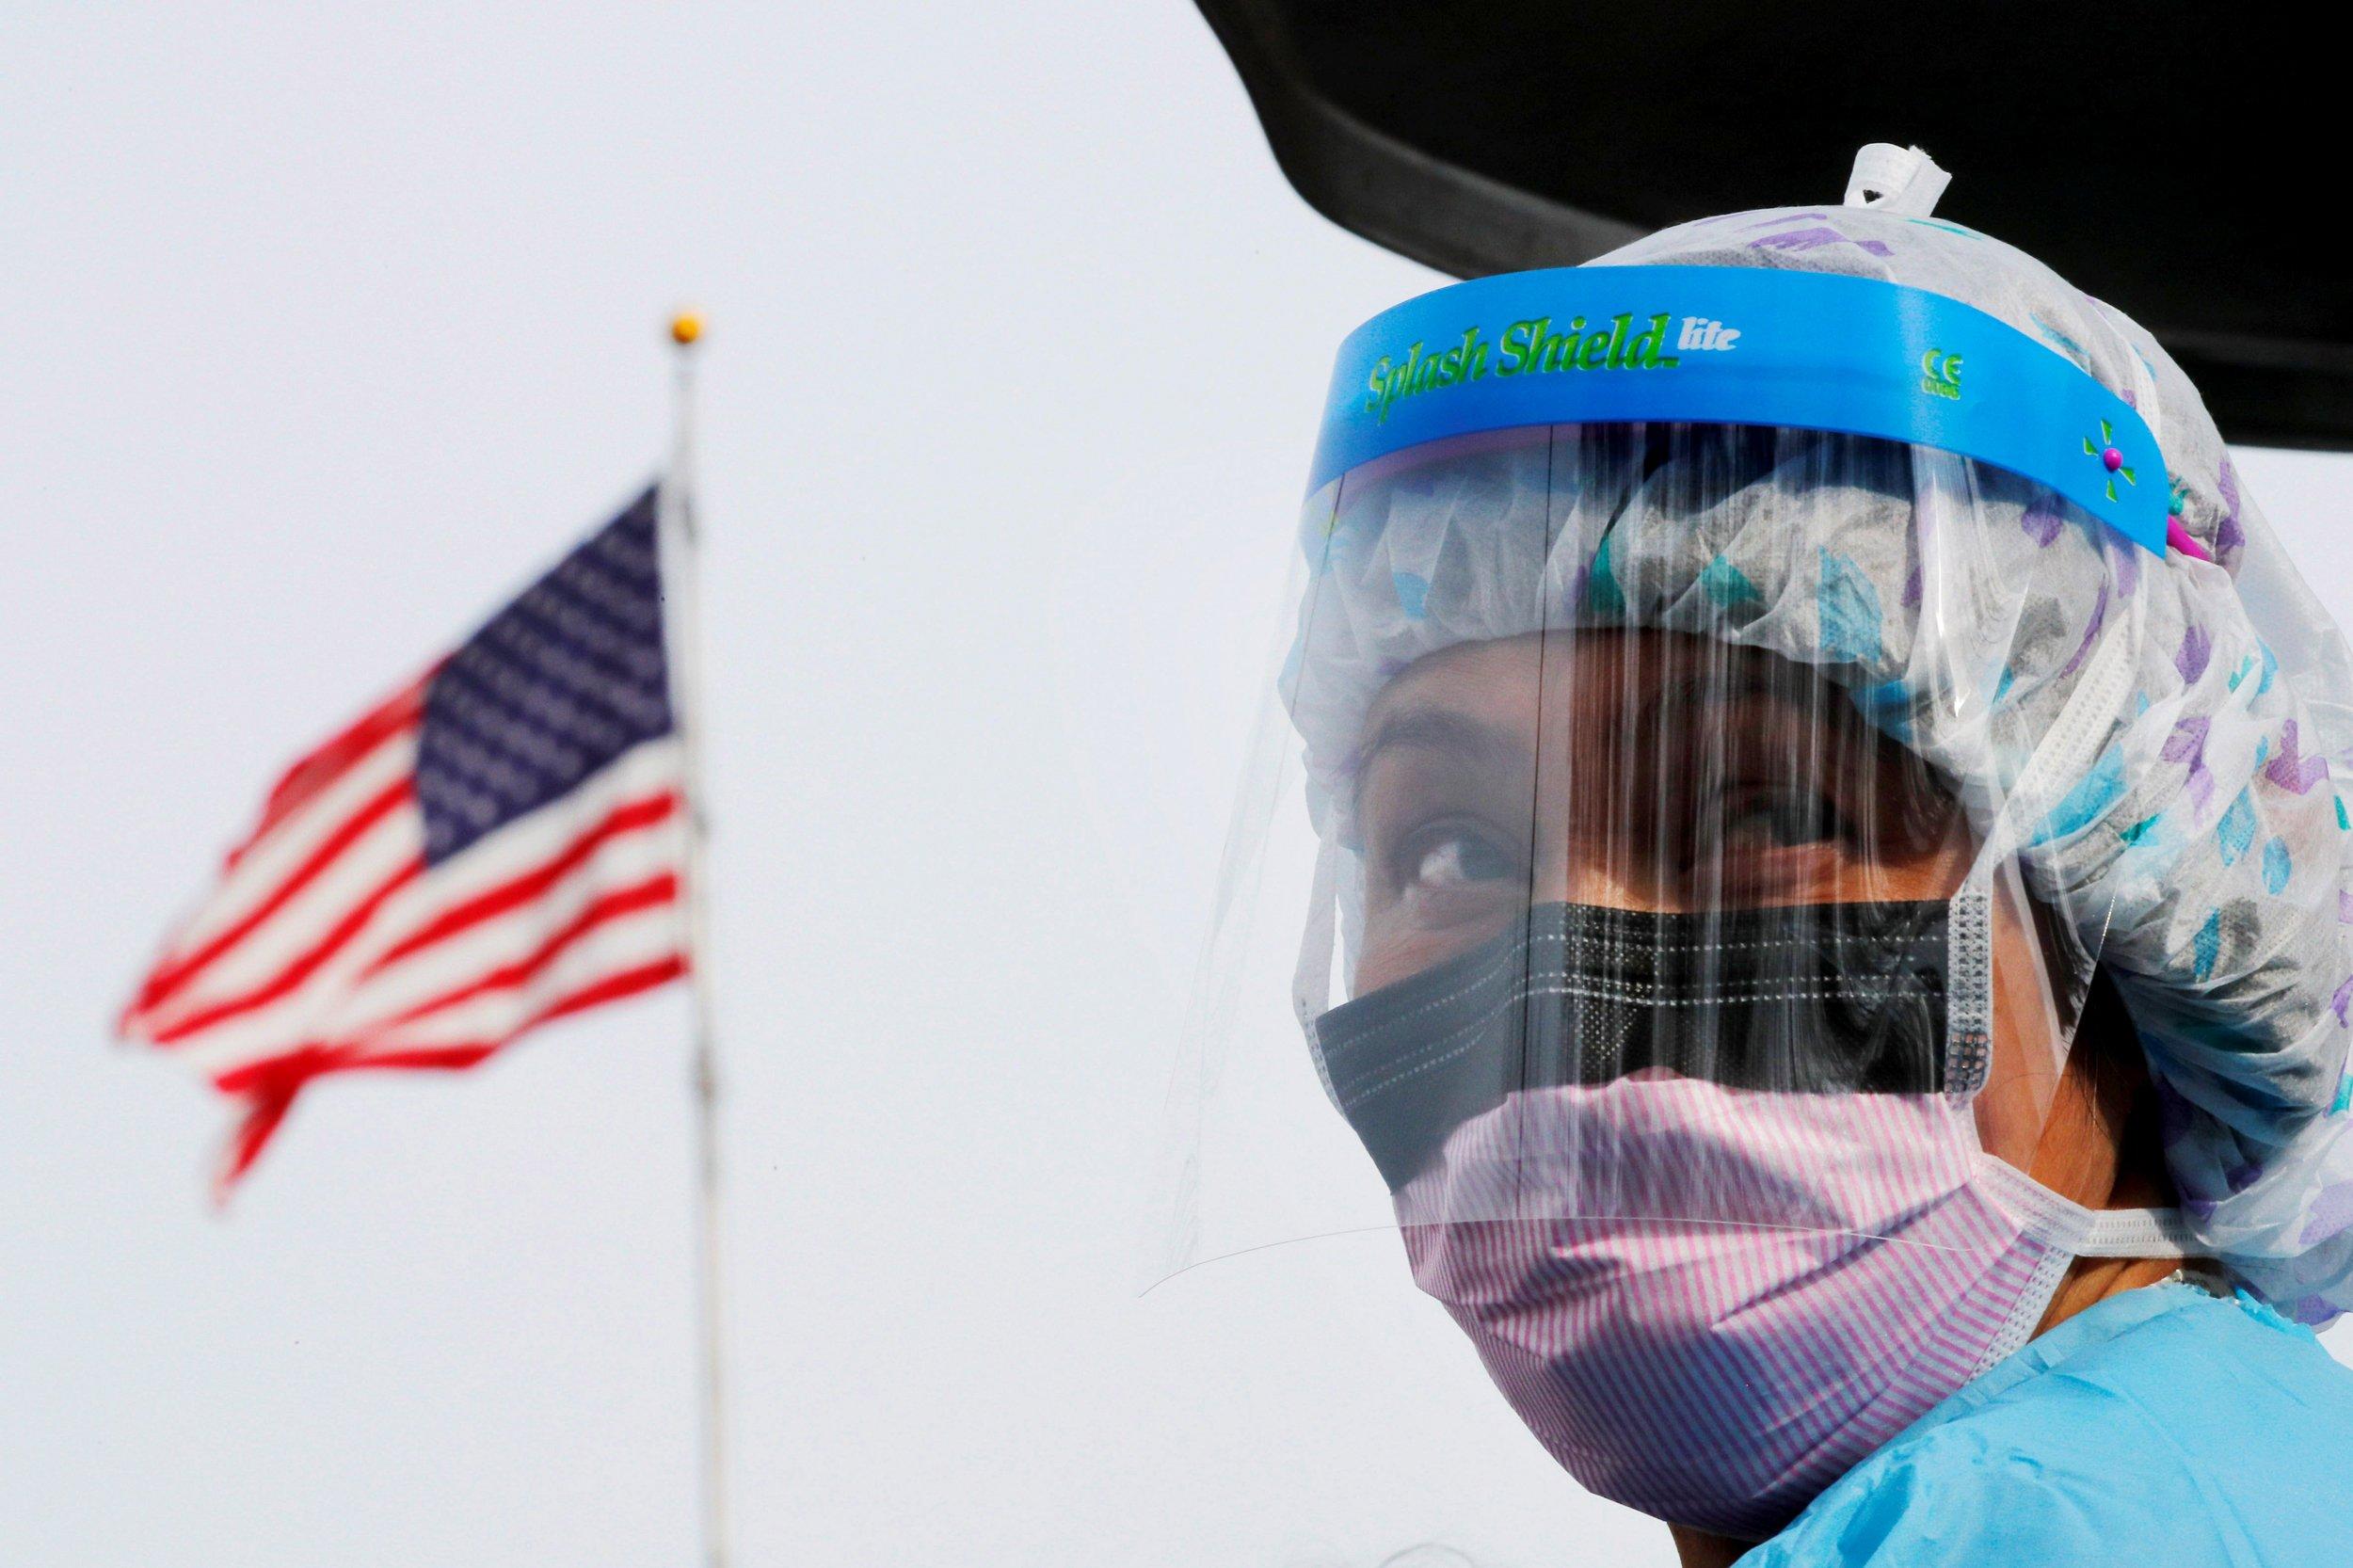 Число случаев заражения коронавирусом в США бьет рекорды